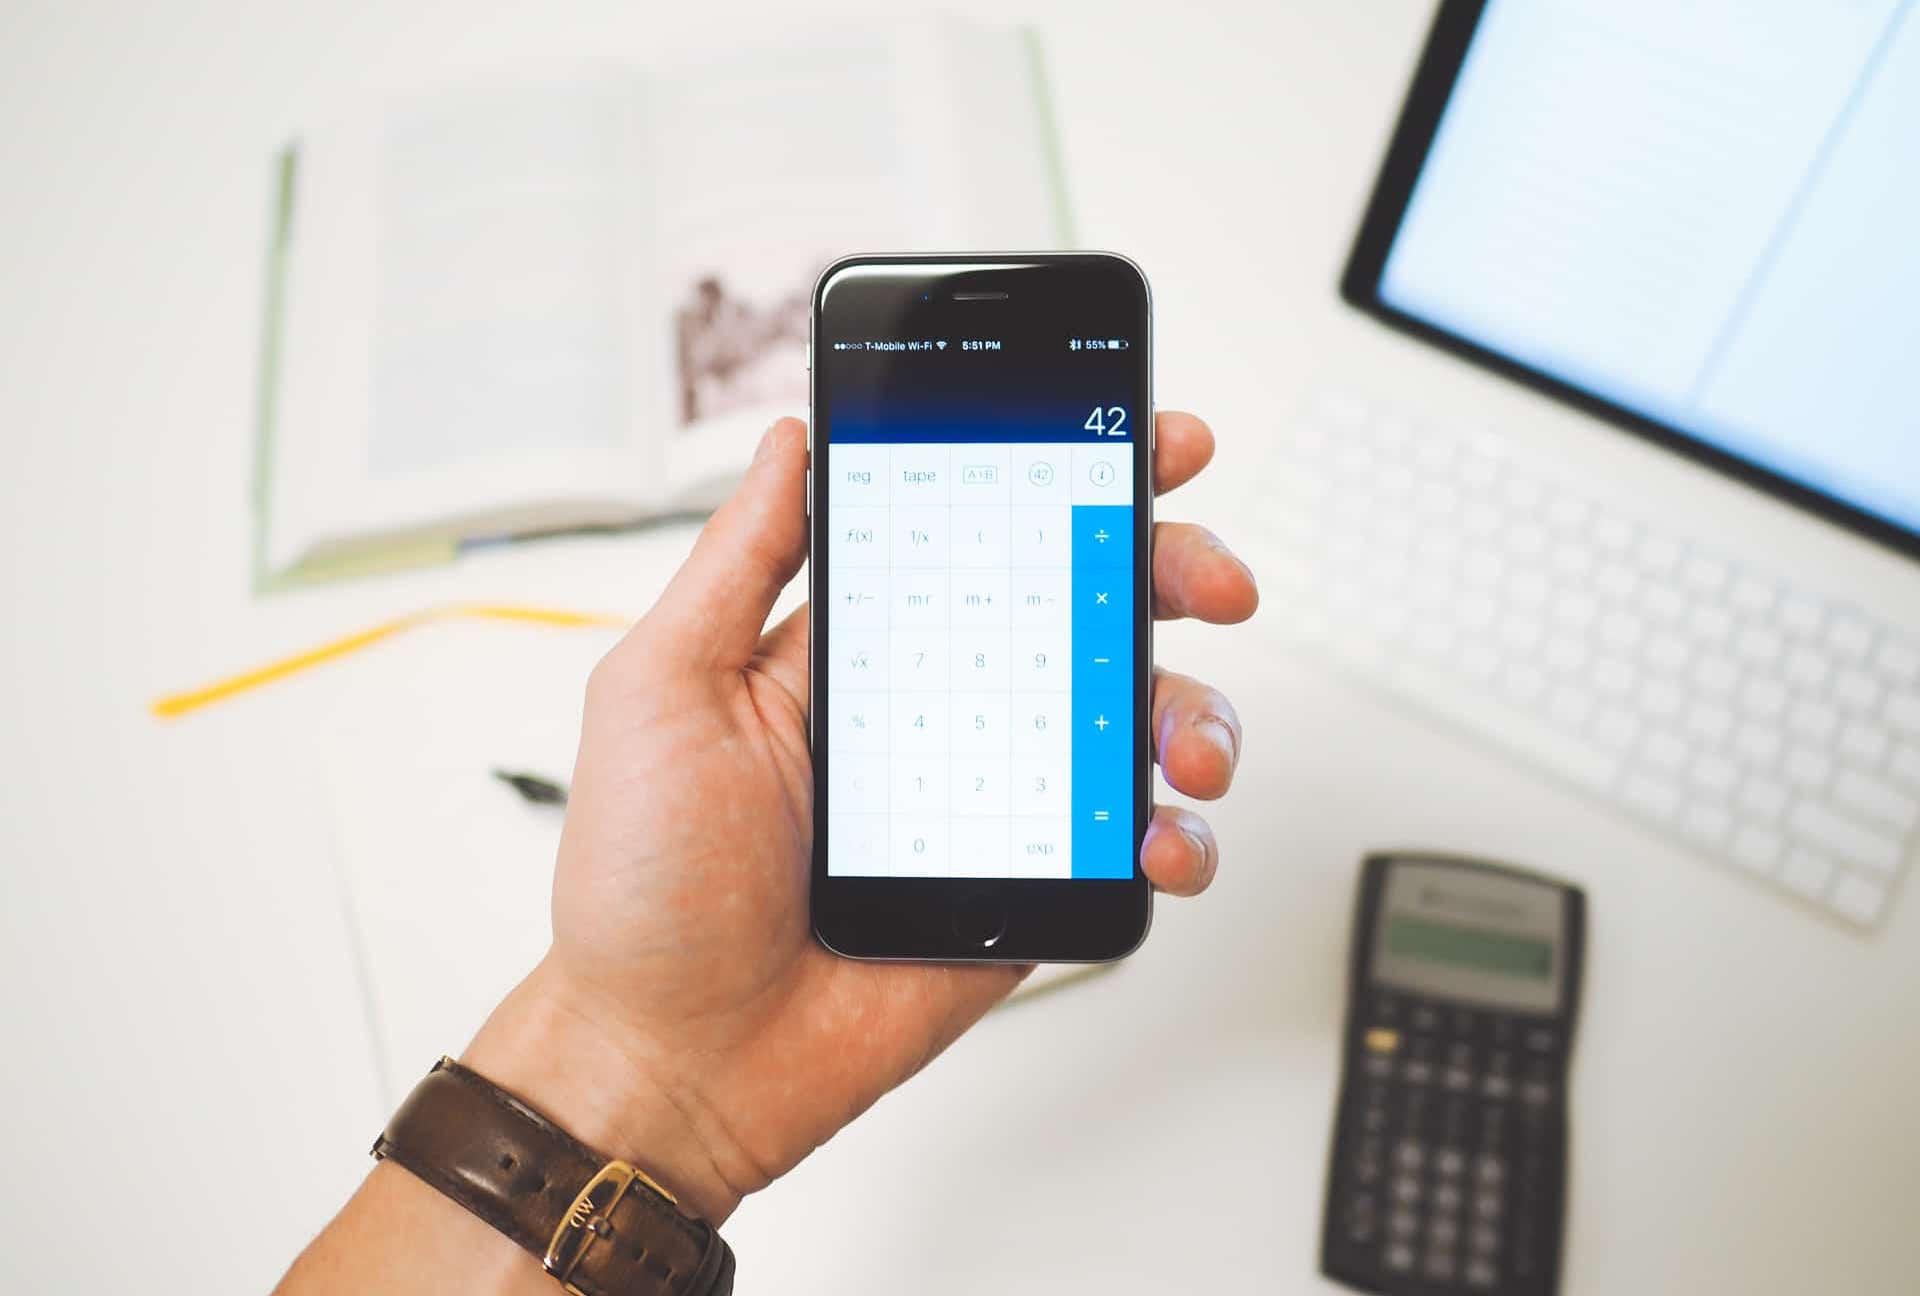 Быстрый способ узнать курс валют на iPhone, о котором вы могли не знать